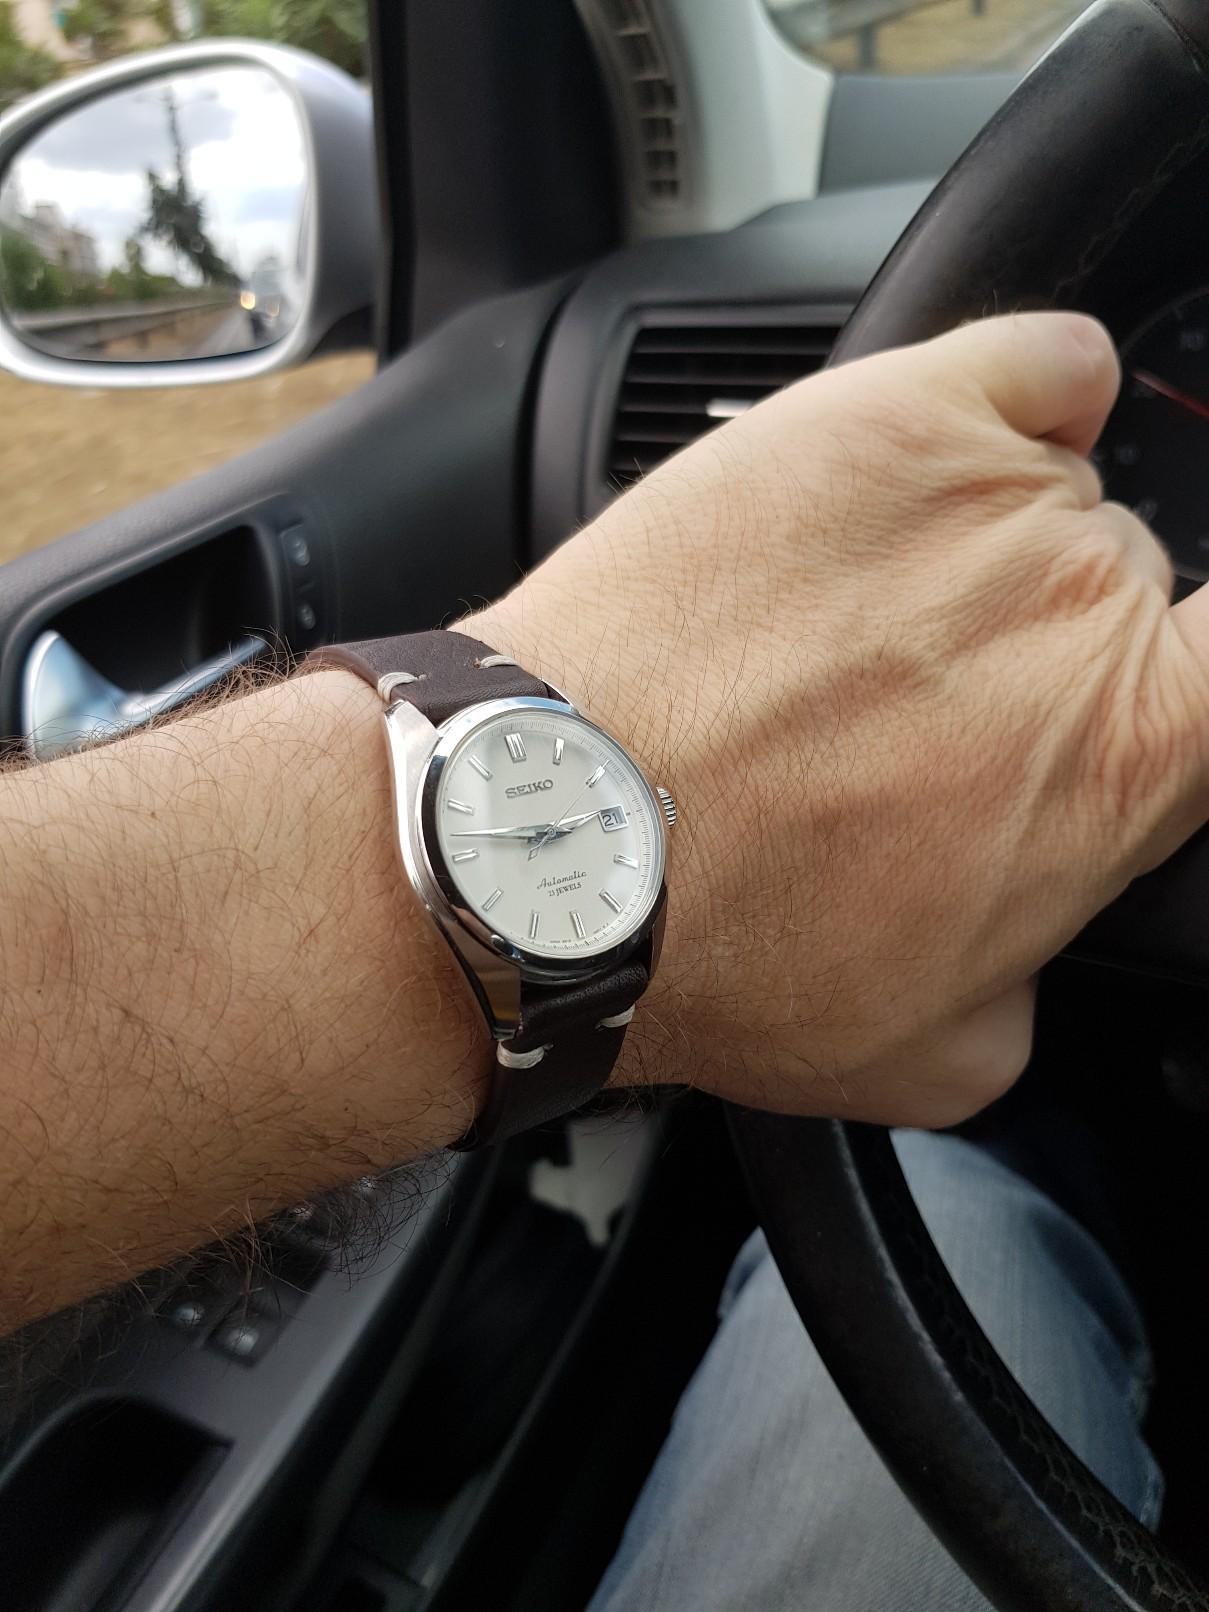 ρολόι χειρός  τί φοράτε ποιο θα θέλατε  - Σελίδα 274 - Μπλα Μπλα ... 6f7a7e0707e